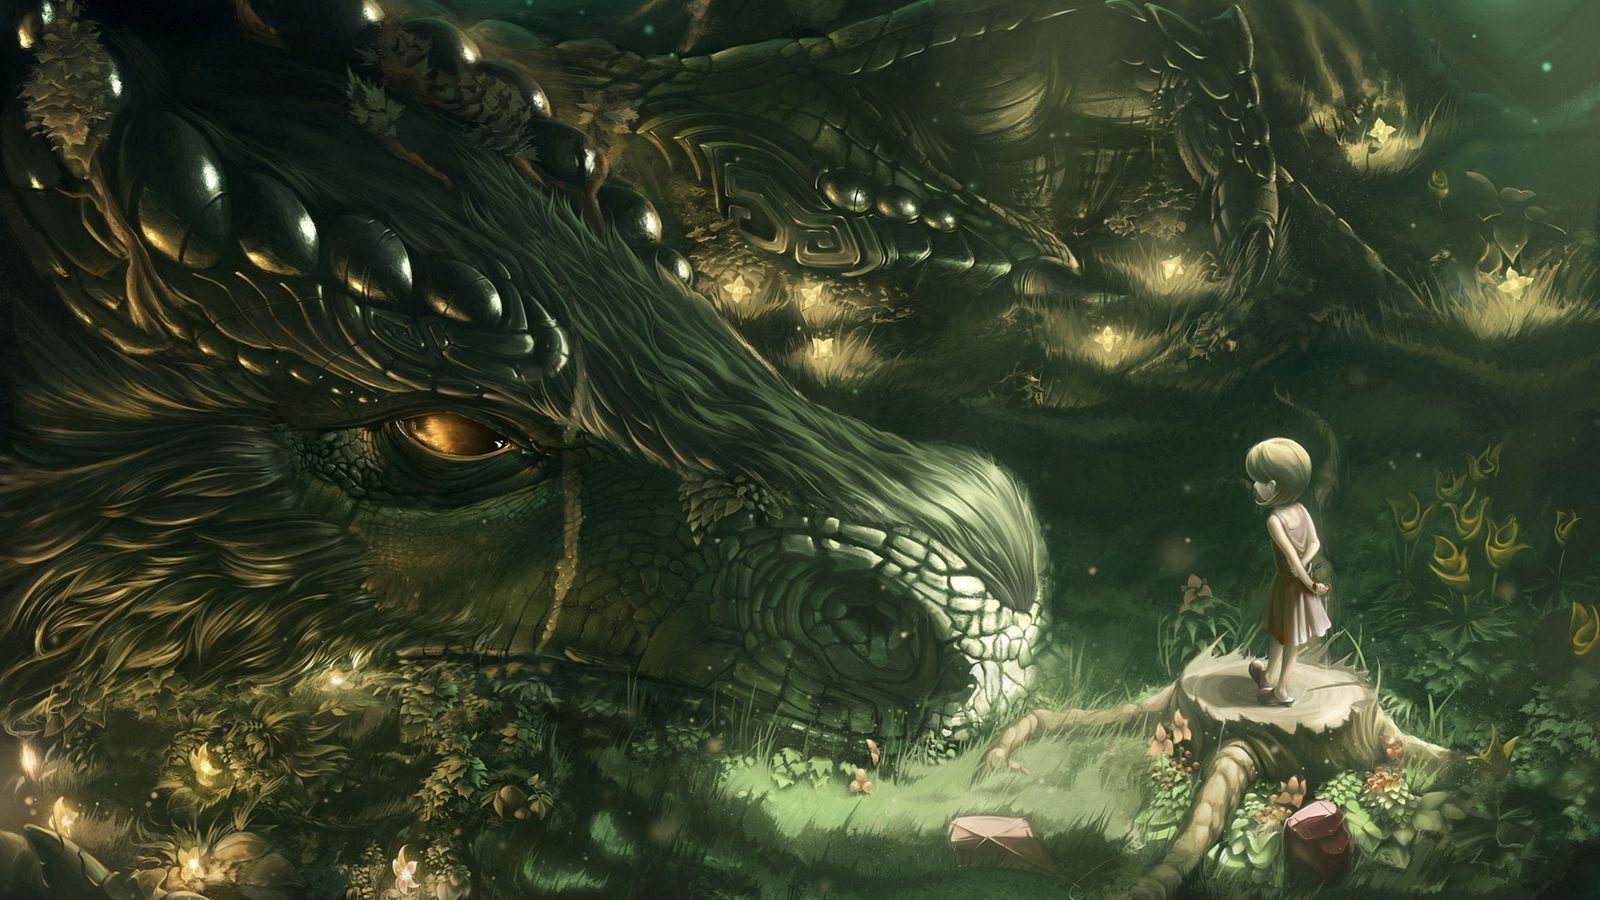 1600x900 Wallpaper dragon, girl, forest, art